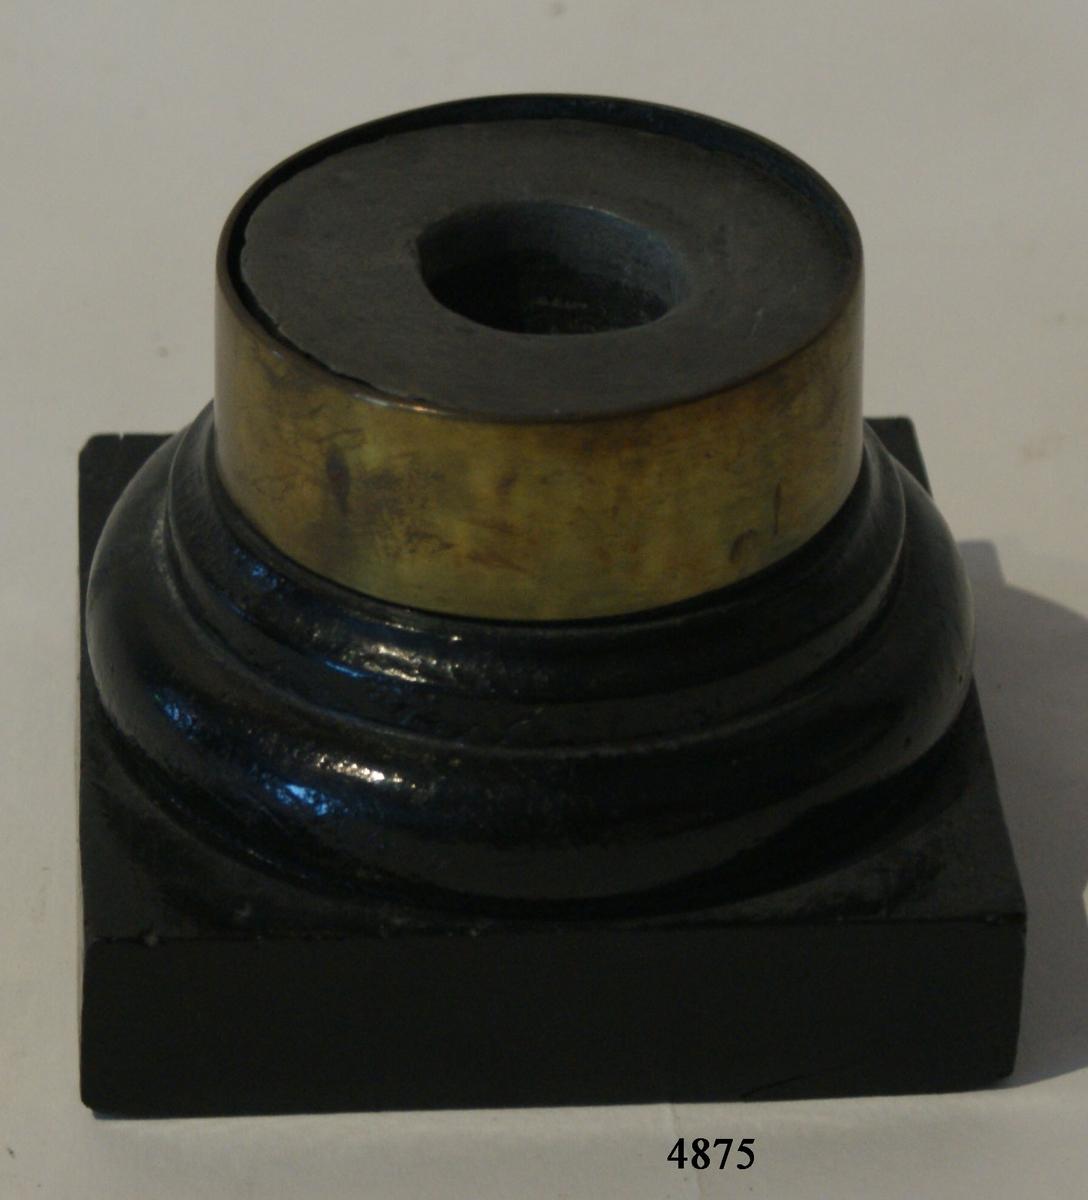 Bläckhorn av trä och bly. Cylindriskt, svarvat och svartmålat. Det är fast vid fykantig svartmålad träplatta. Rummet för bläck invändigt klätt med bly och utvändigt försett med ring av mässing. Plattans dim. = 107 x 110 mm Hornets D = 105 mm